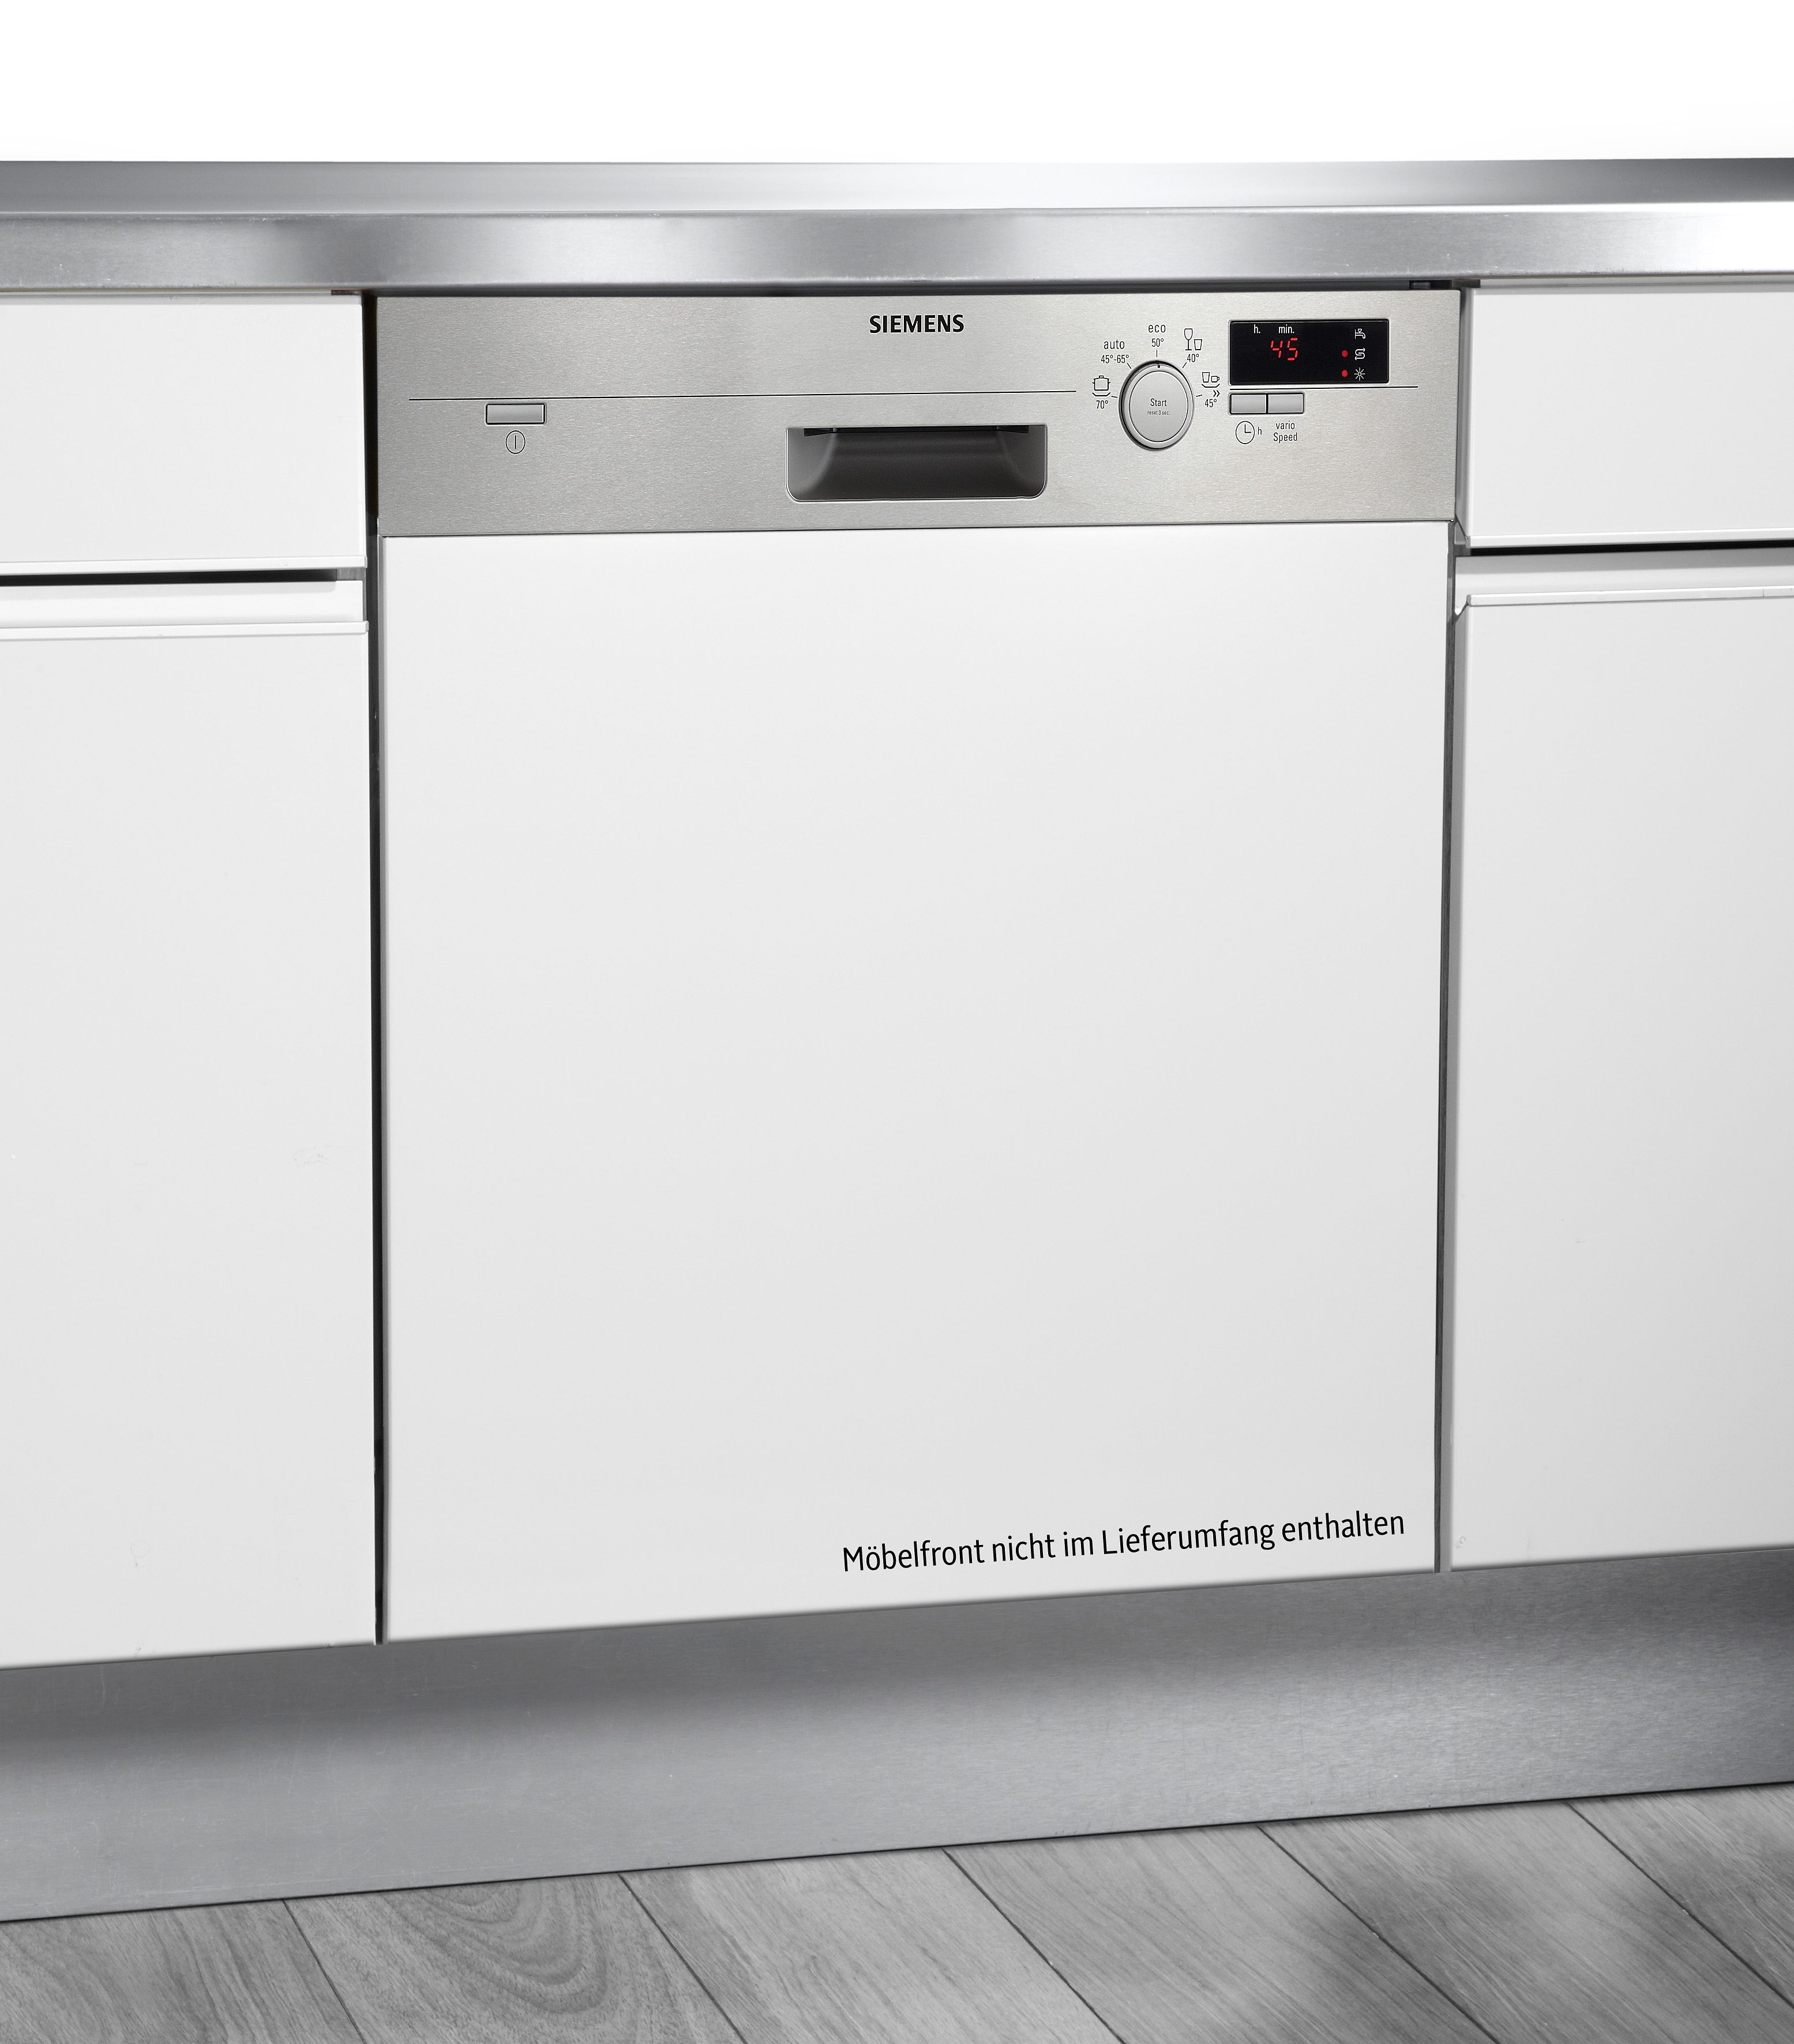 Siemens Integrierbarer Geschirrspüler SN55D502EU, A+, 11,8 Liter, 12 Maßgedecke